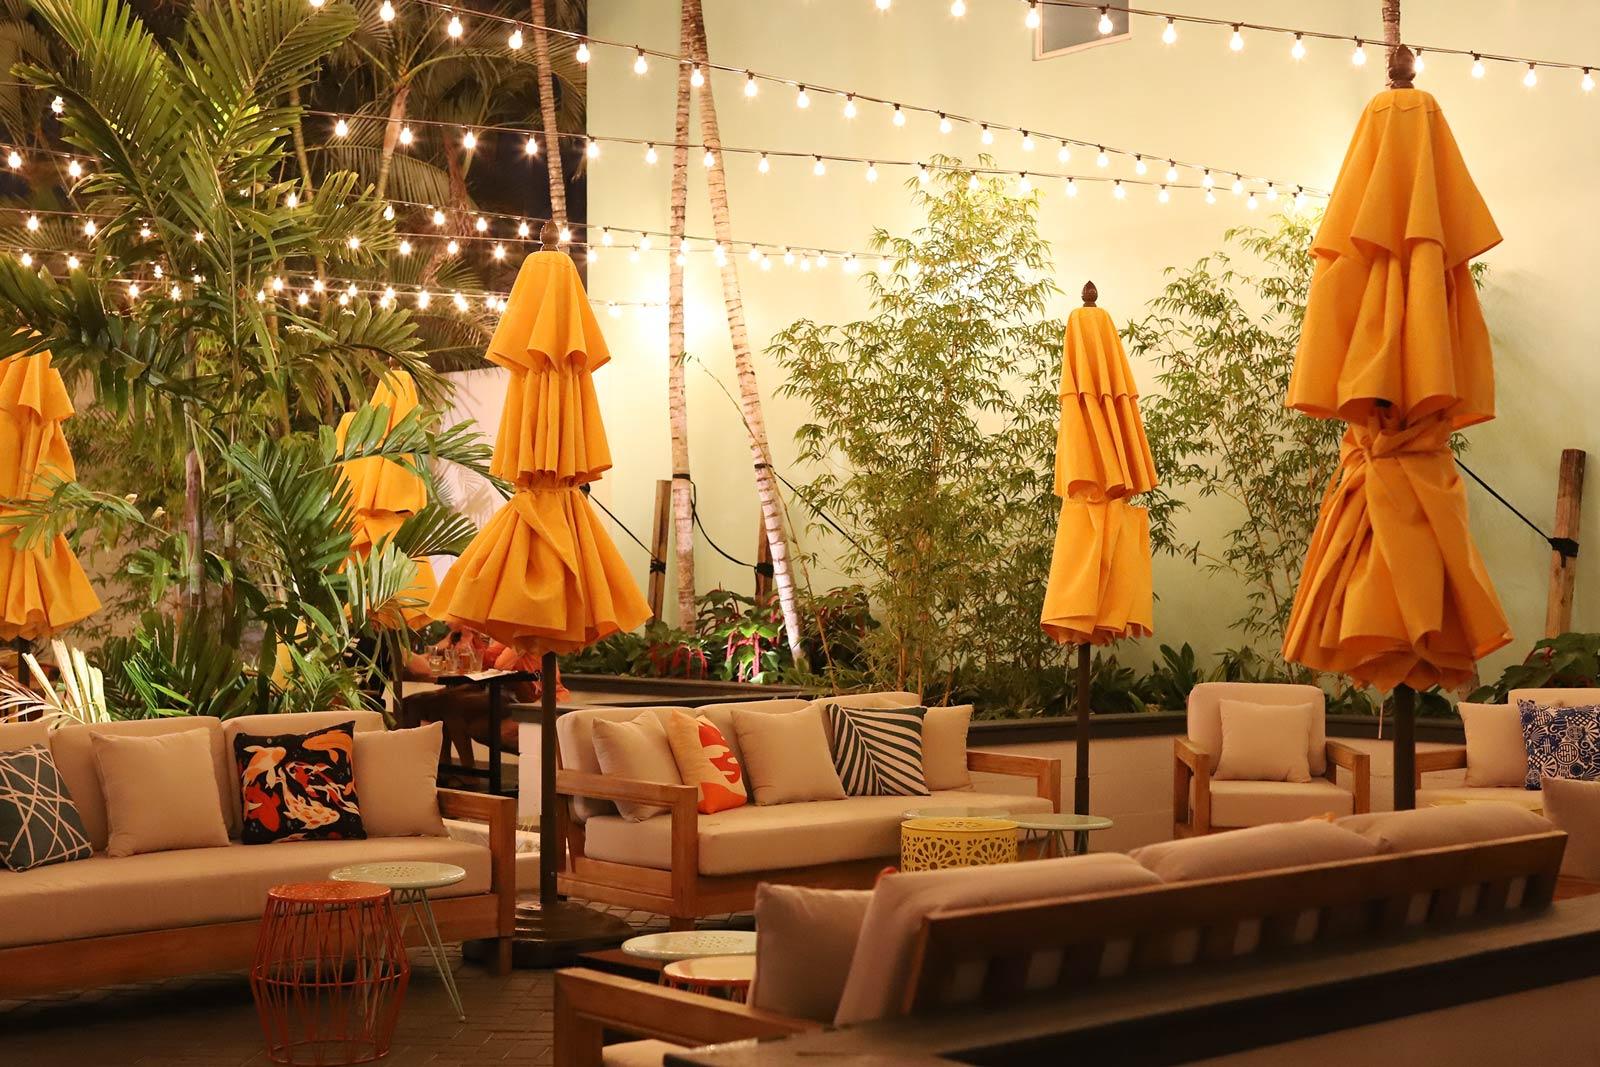 patio unbrellas